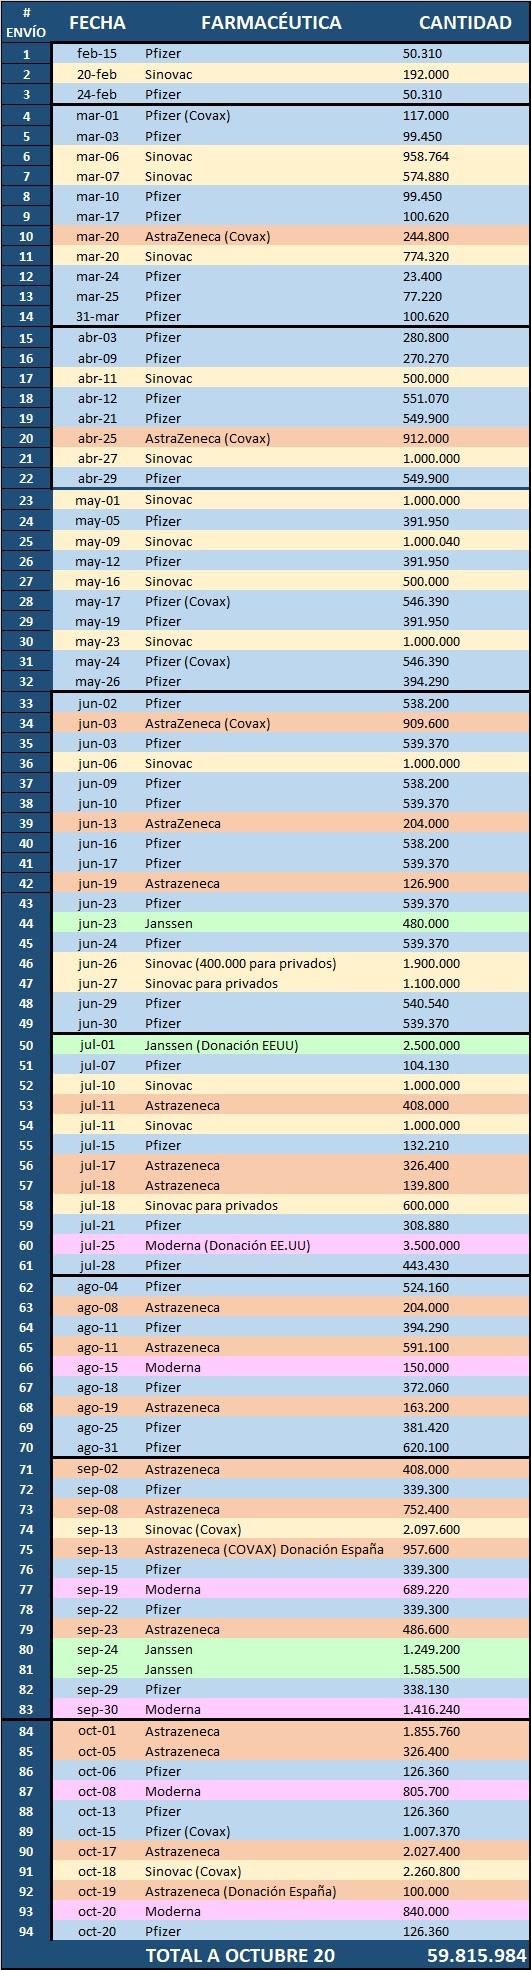 cuántas vacunas han llegado a Colombia